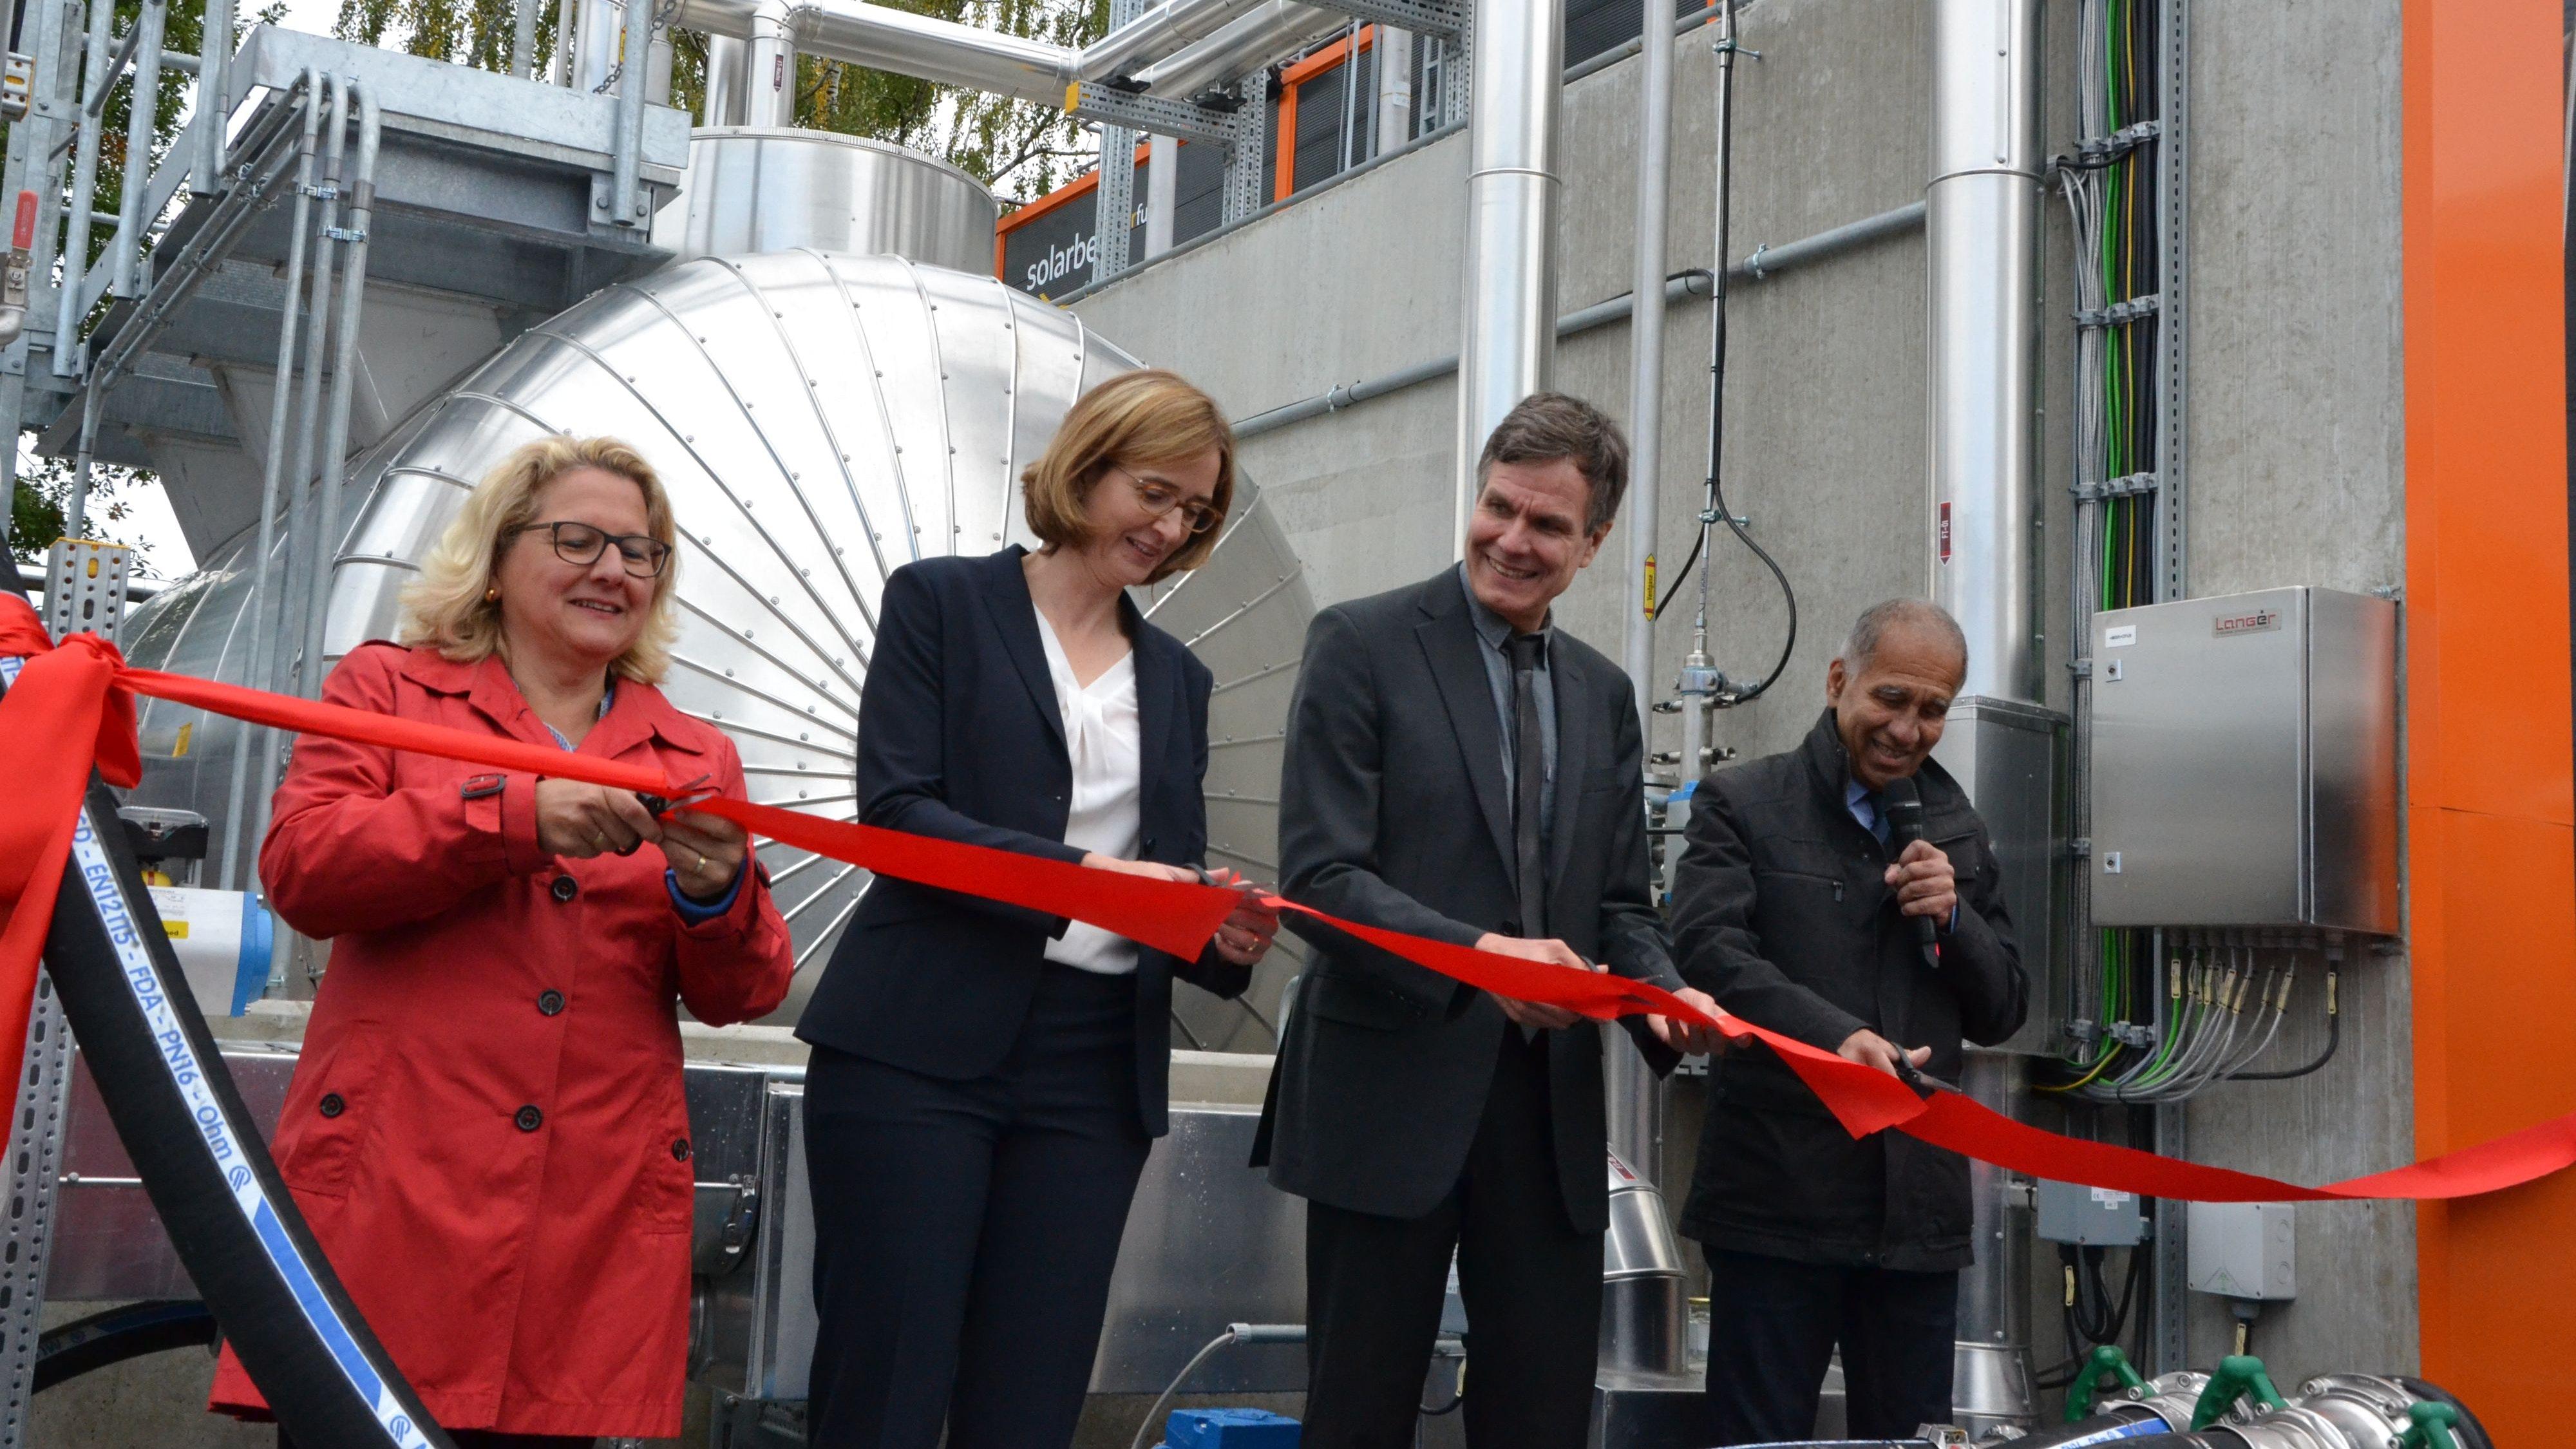 Eröffnet: Bundesumweltministerin Svenja Schulze (von links), Dorothea von Boxberg (Lufthansa Cargo), Dr. Dietrich Brockhage und Schirmherr Mojib Latif durchschneiden das Band.  Foto: G. Meyer